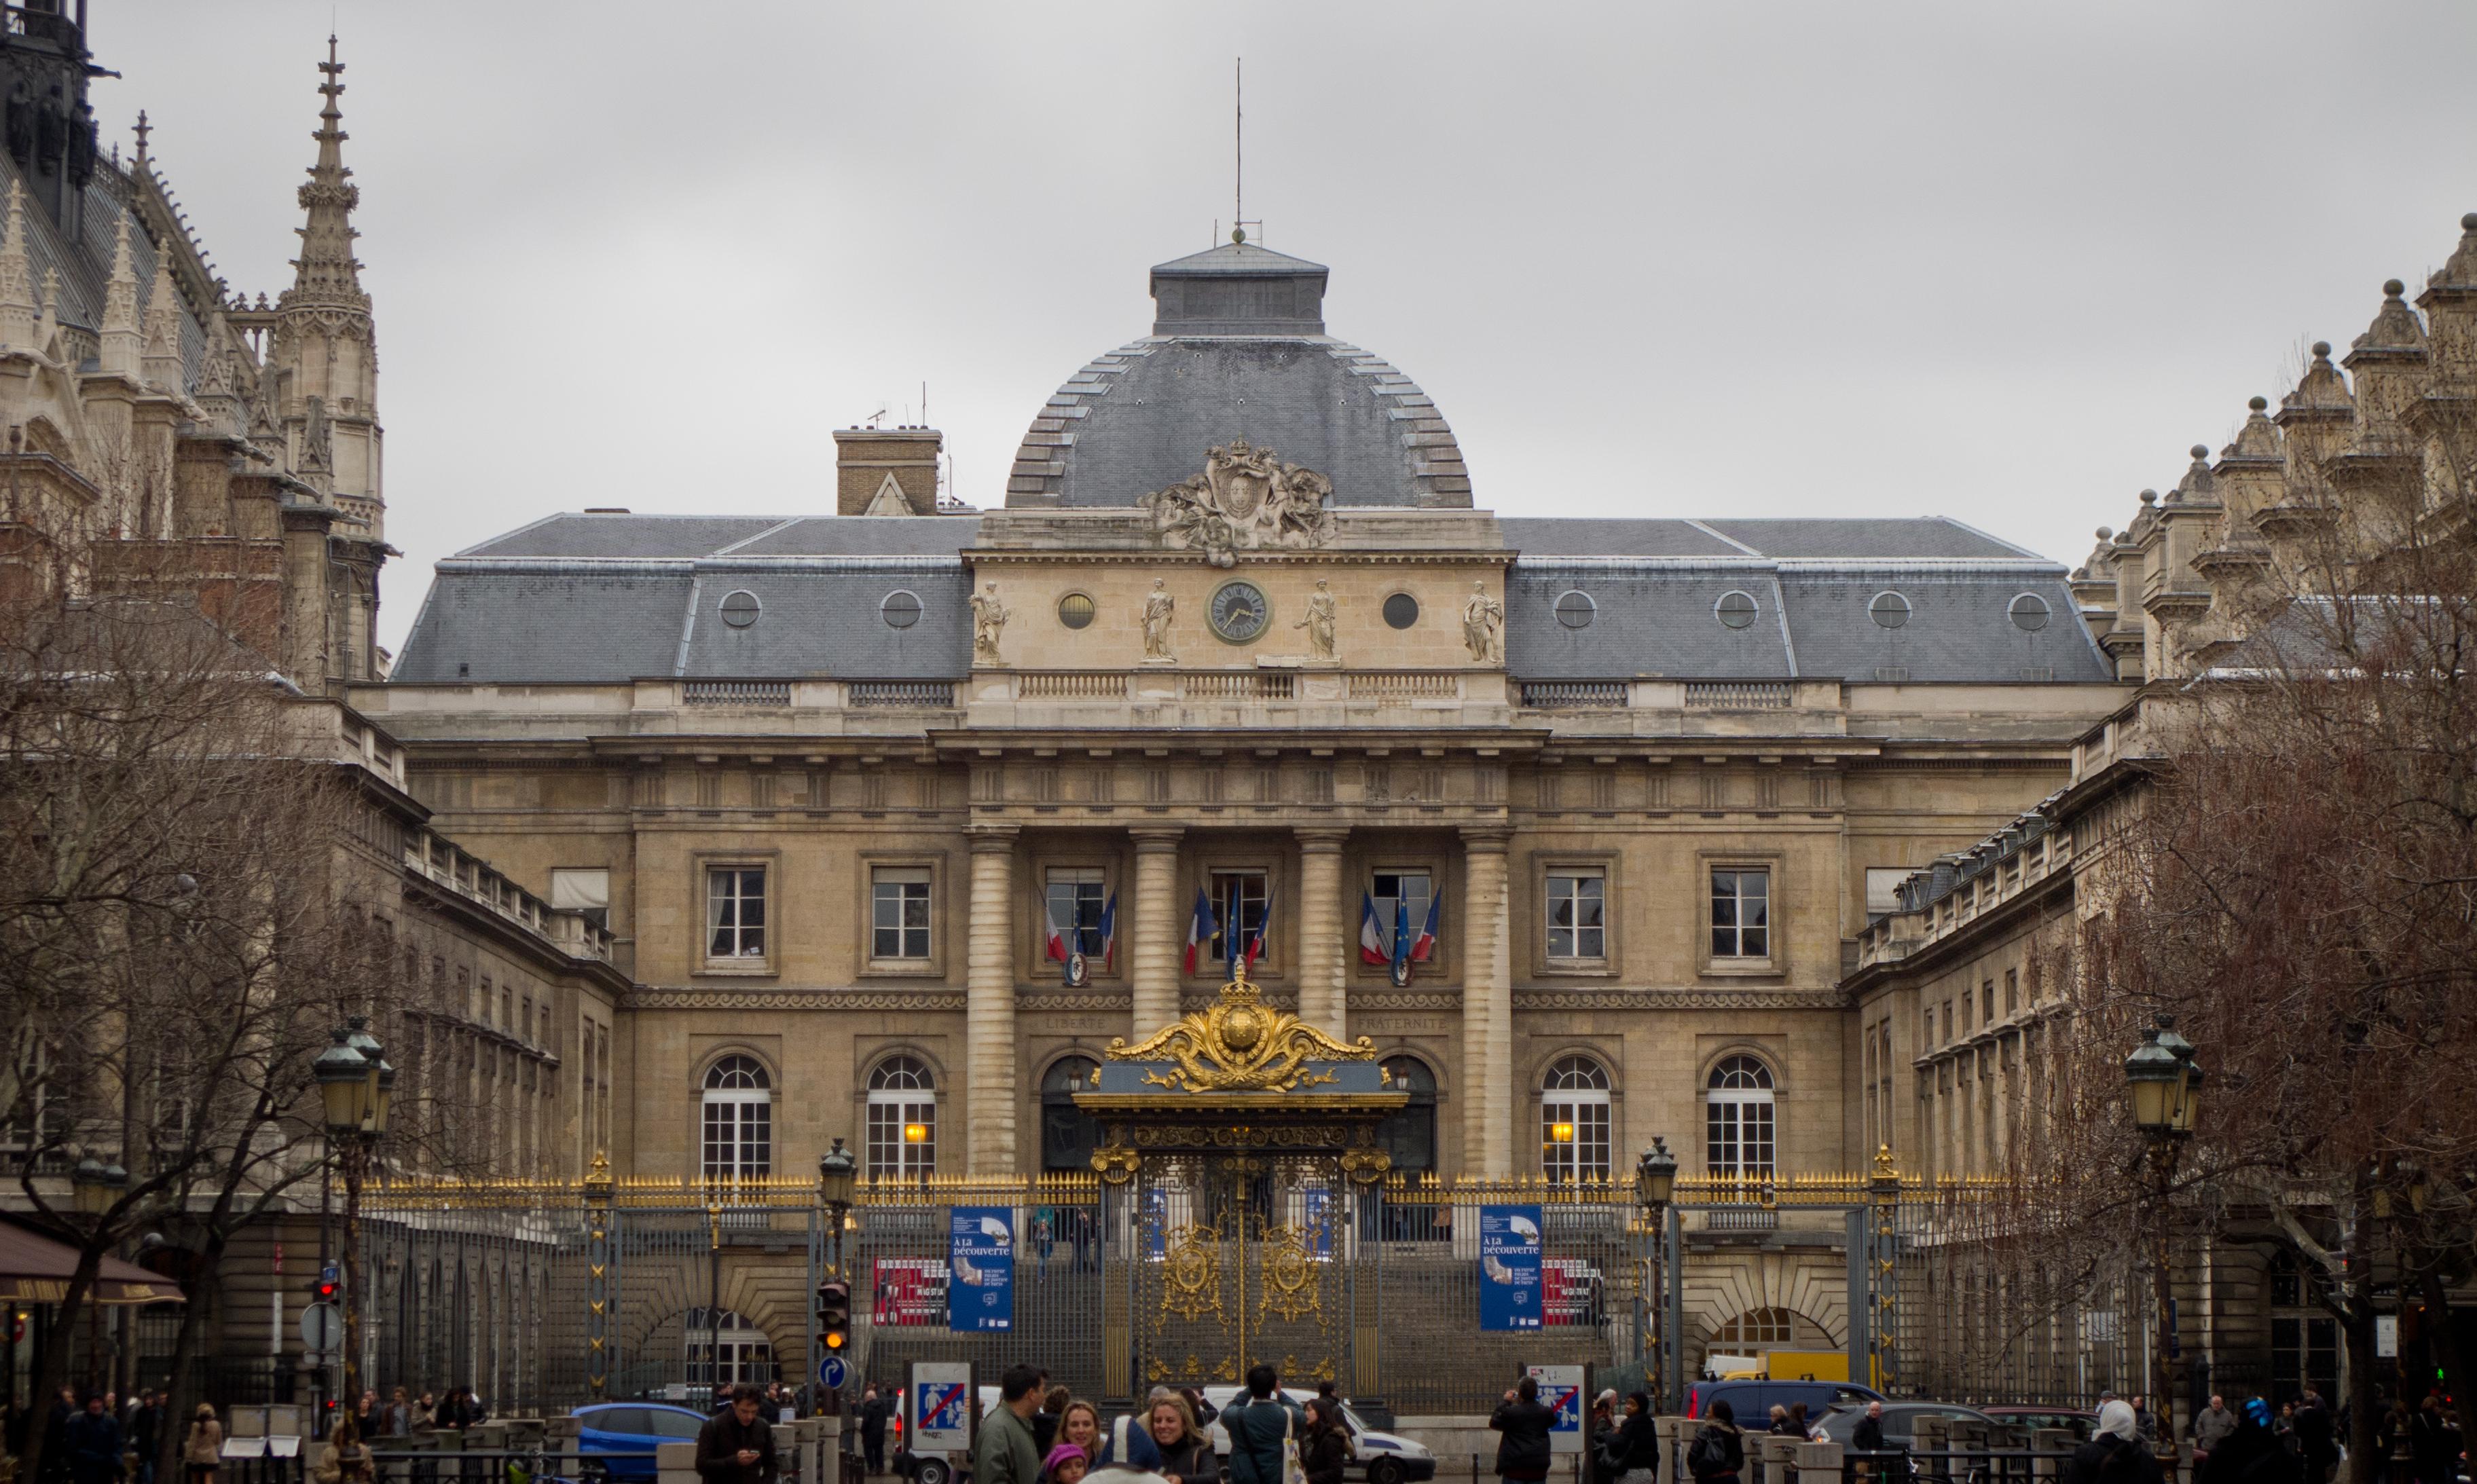 navigation on google maps with File Palais De Justice De Paris on Details further W3css templates likewise File Northumbria University  geograph 2879646 as well Varna besides File Palais de Justice de Paris.